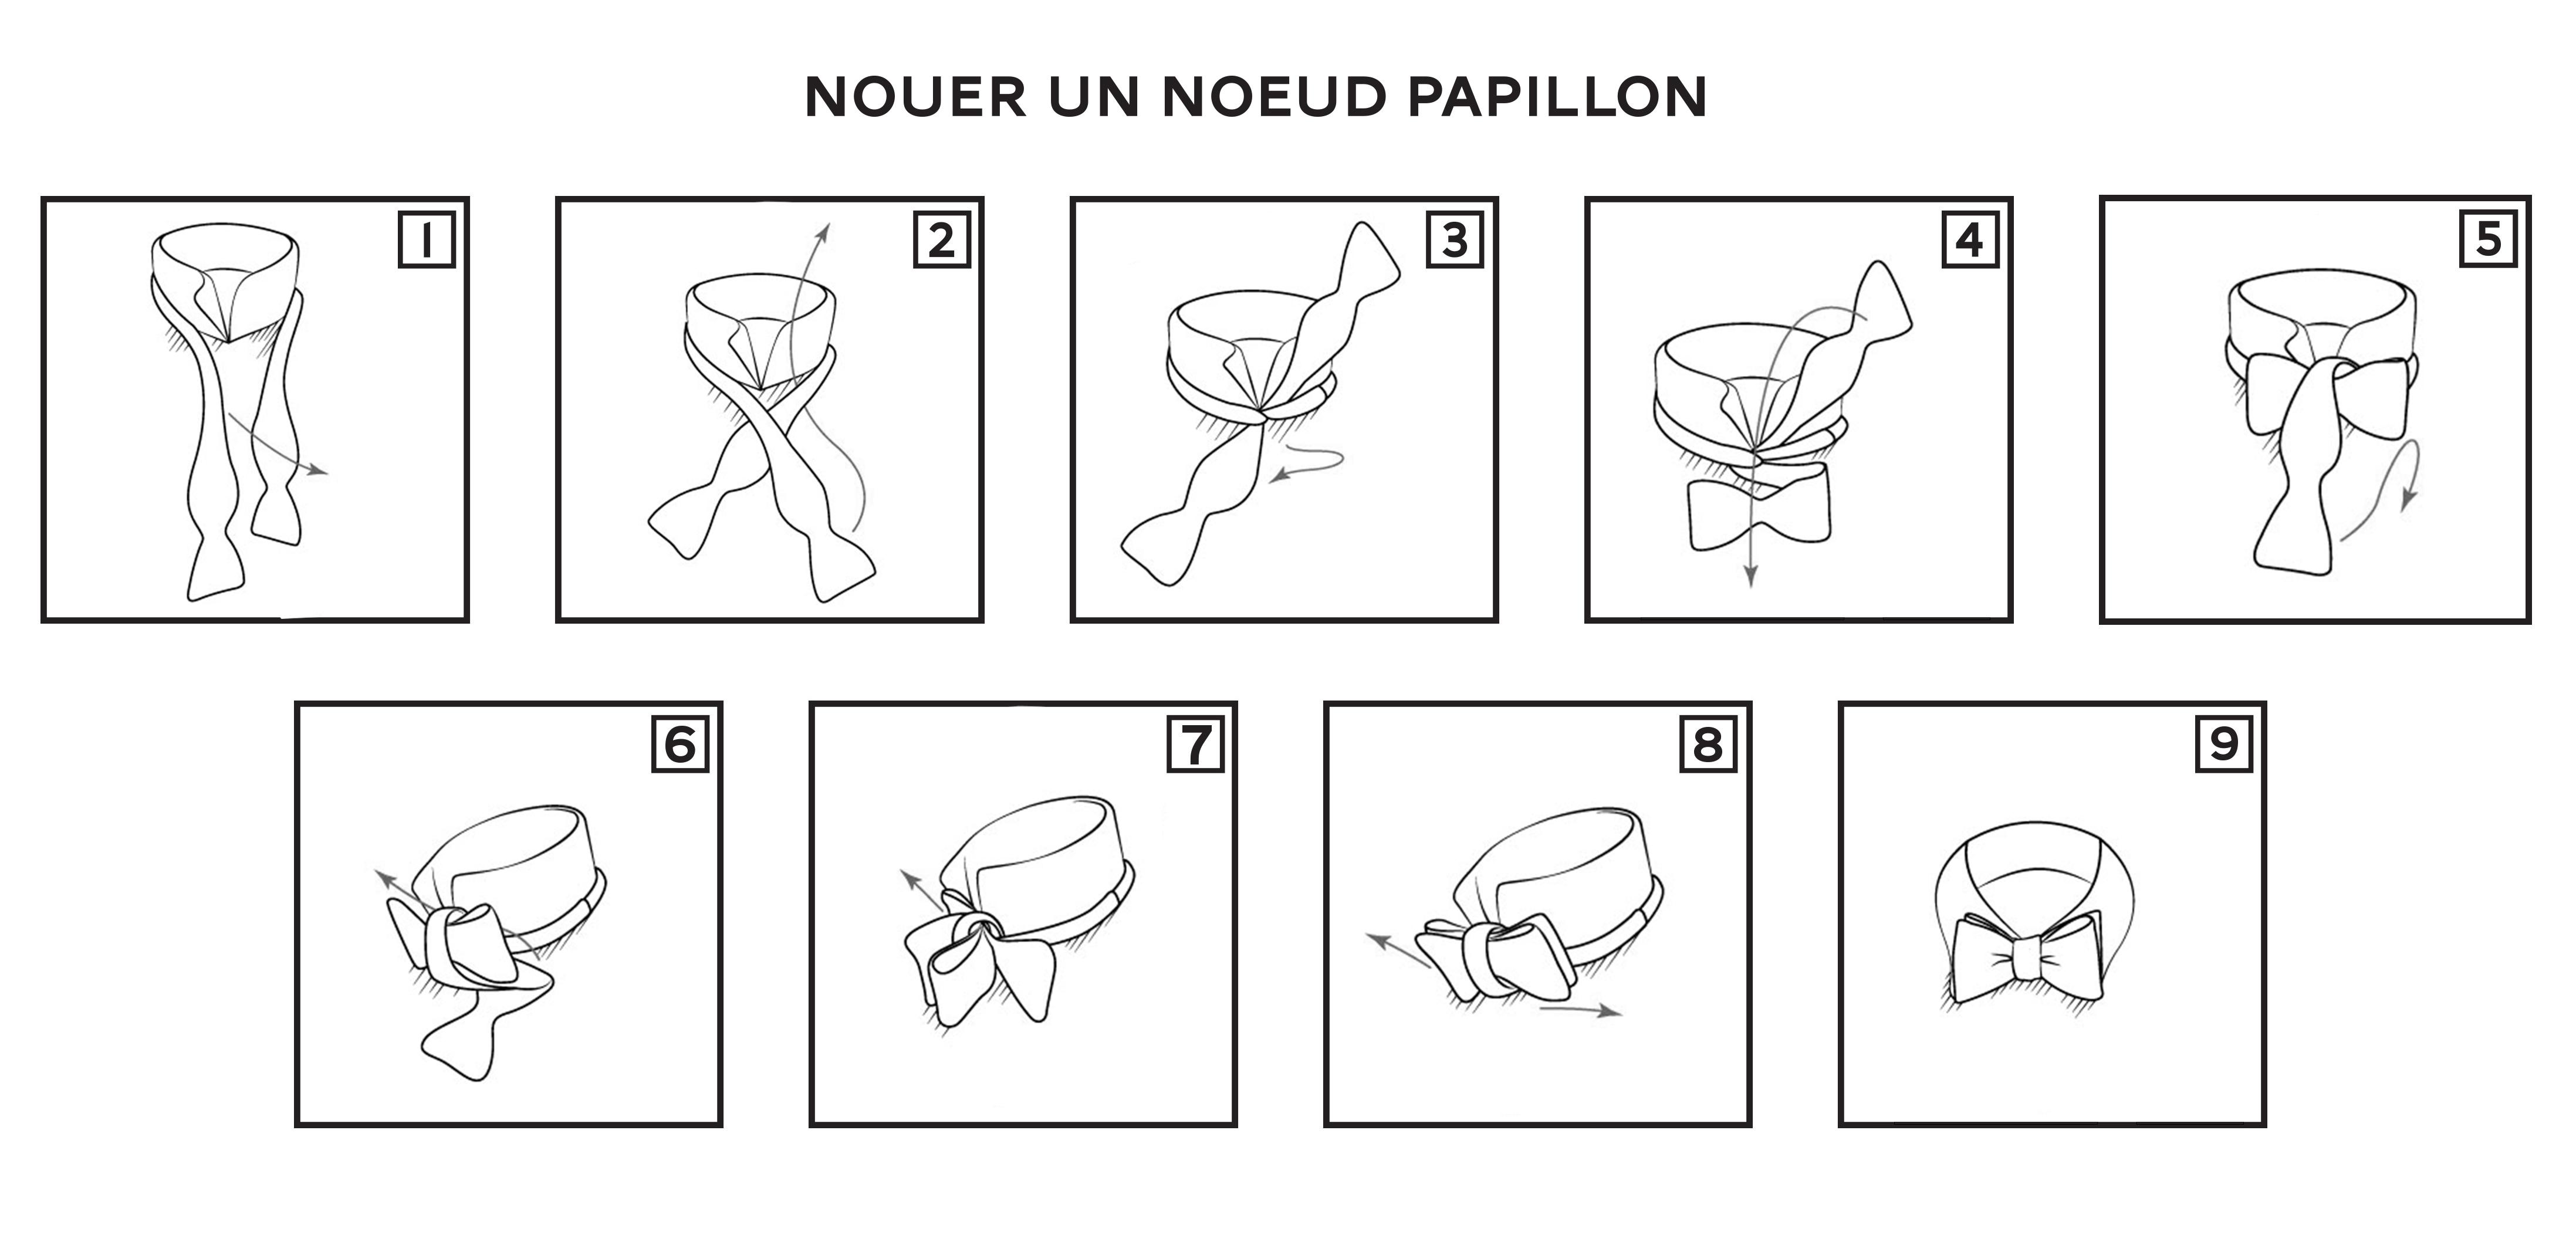 Nouer Noeud Papillon